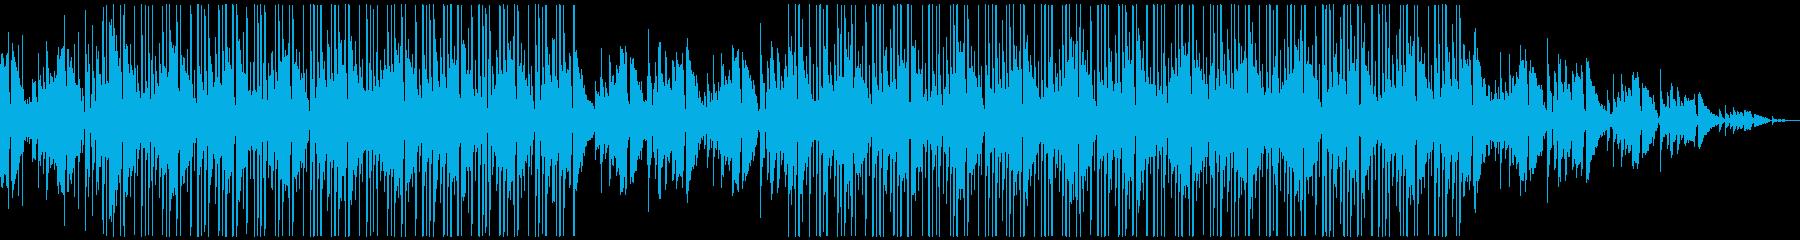 ジャジーなギターのチル系ヒップホップの再生済みの波形